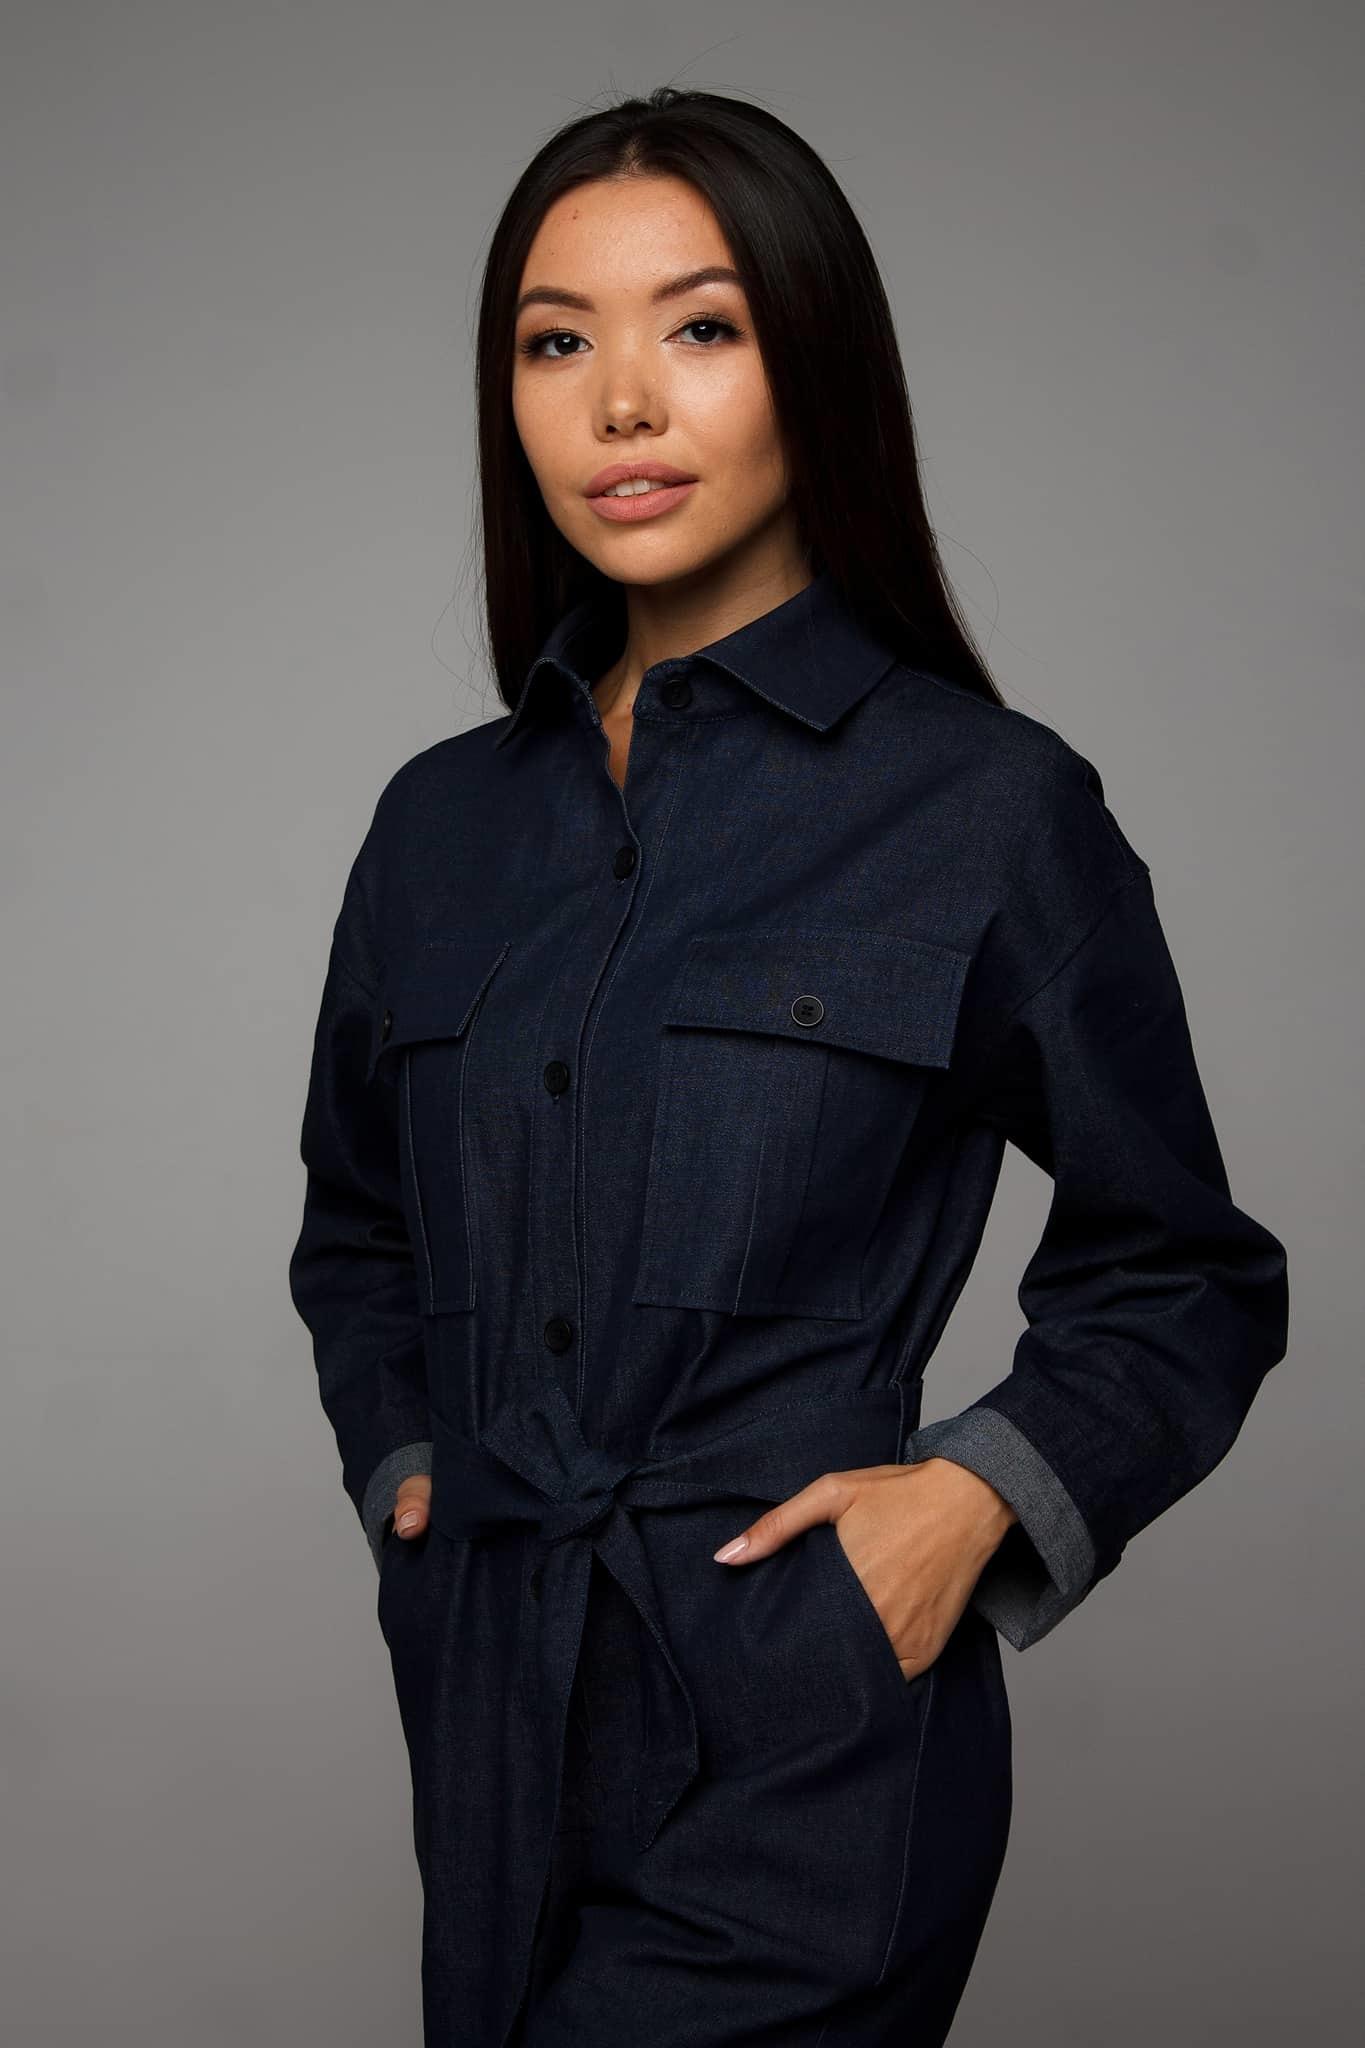 джинсовый комбинезон женский от украинского бренда Your Own Style